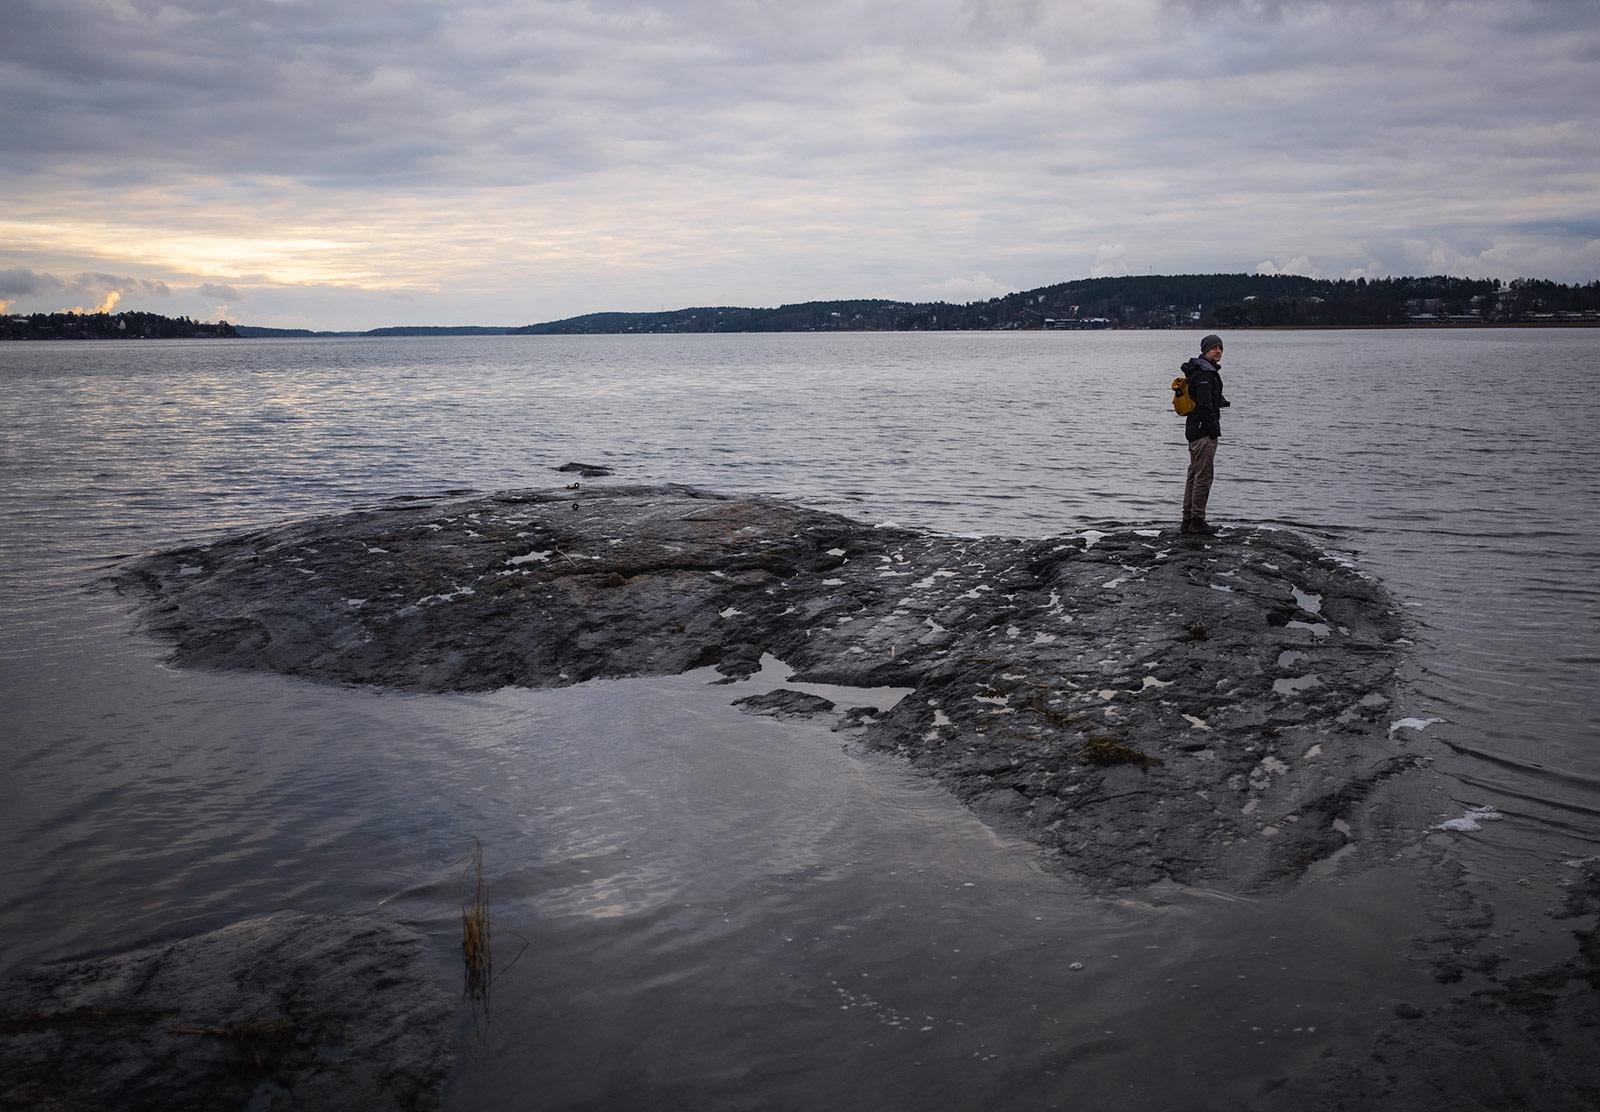 Me stood on a rock